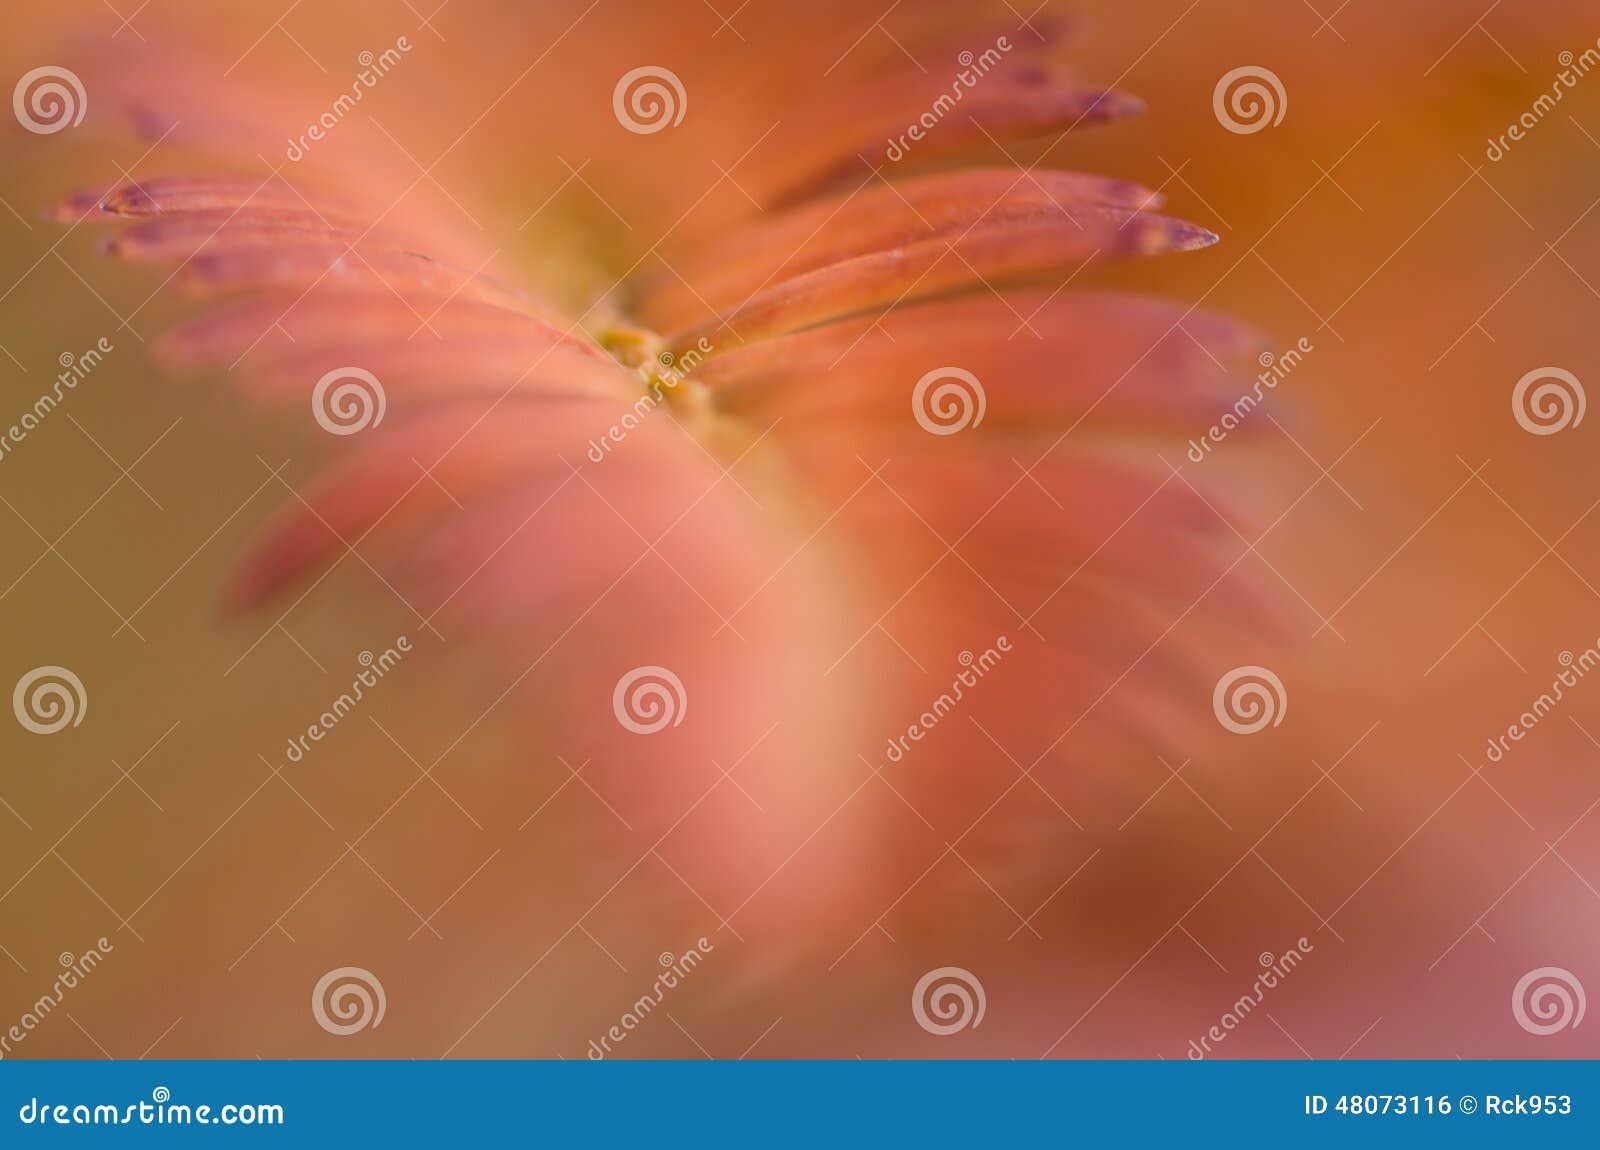 Aardsamenvatting - Zacht Onduidelijk beeld van Autumn Color